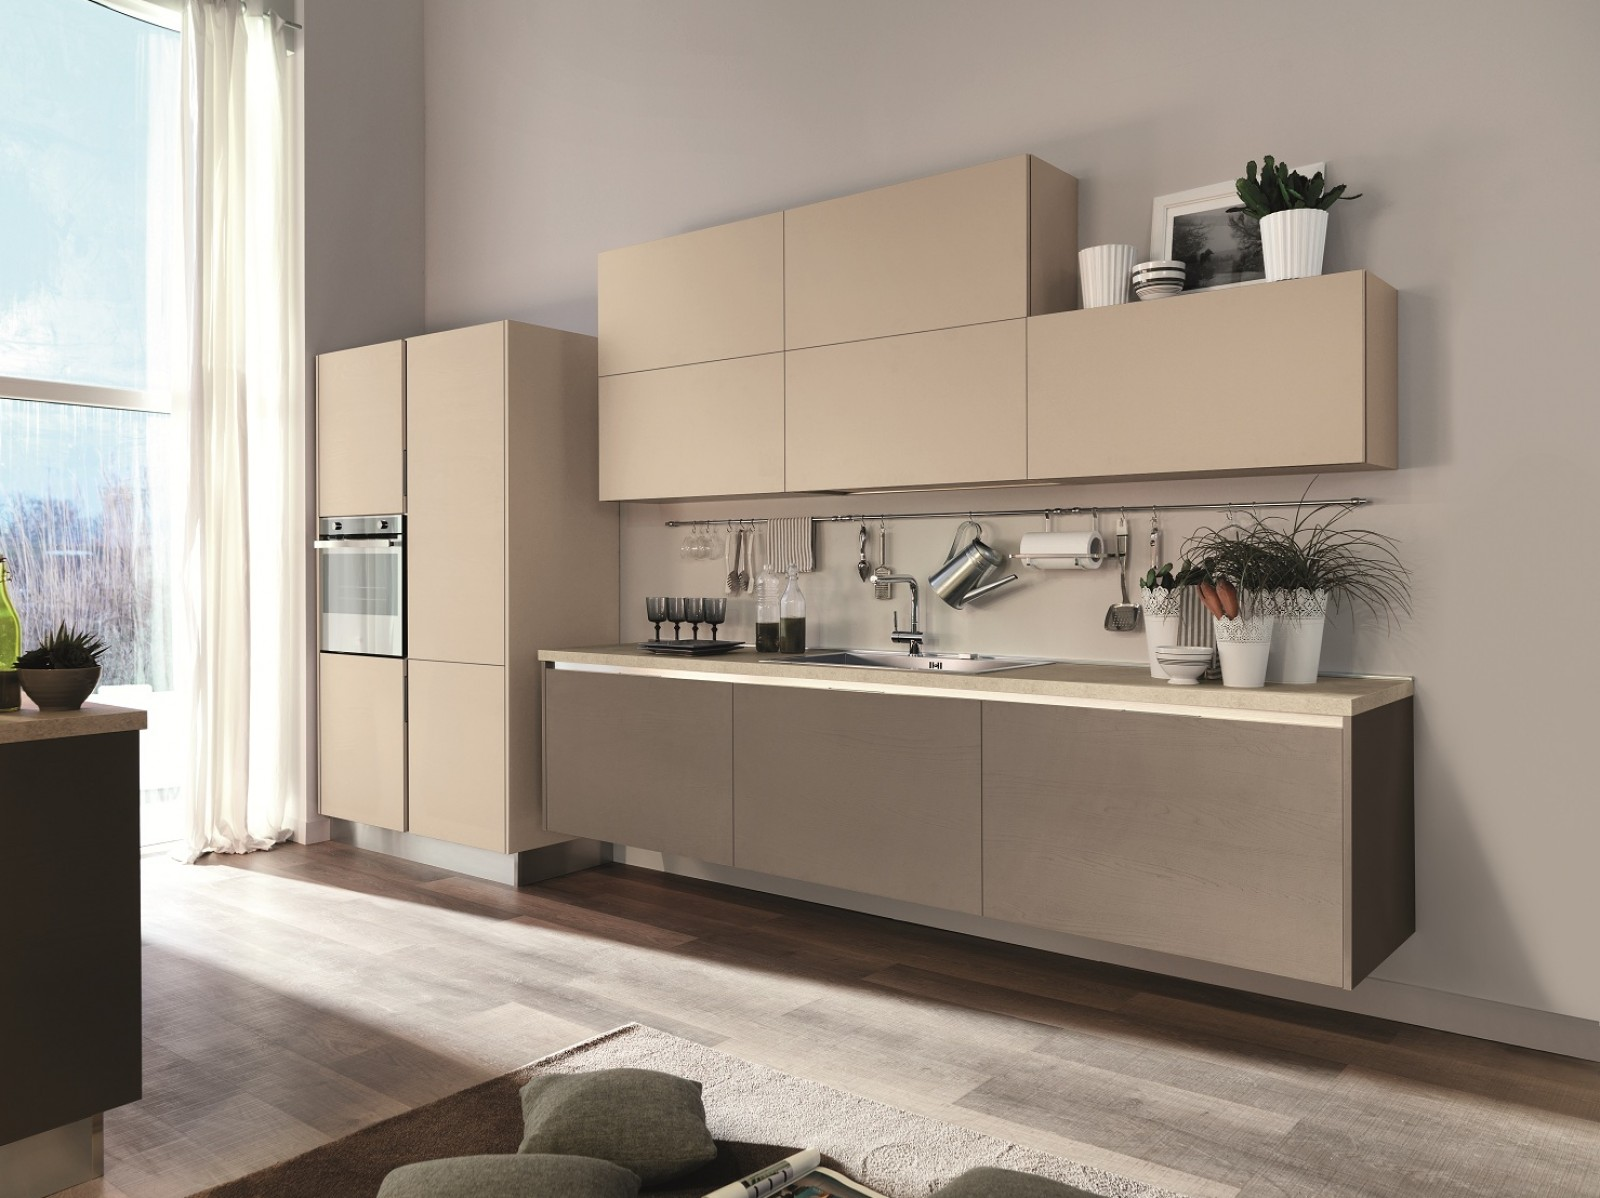 Cucine Lube Modello Essenza - sistemagiocoitalias.info